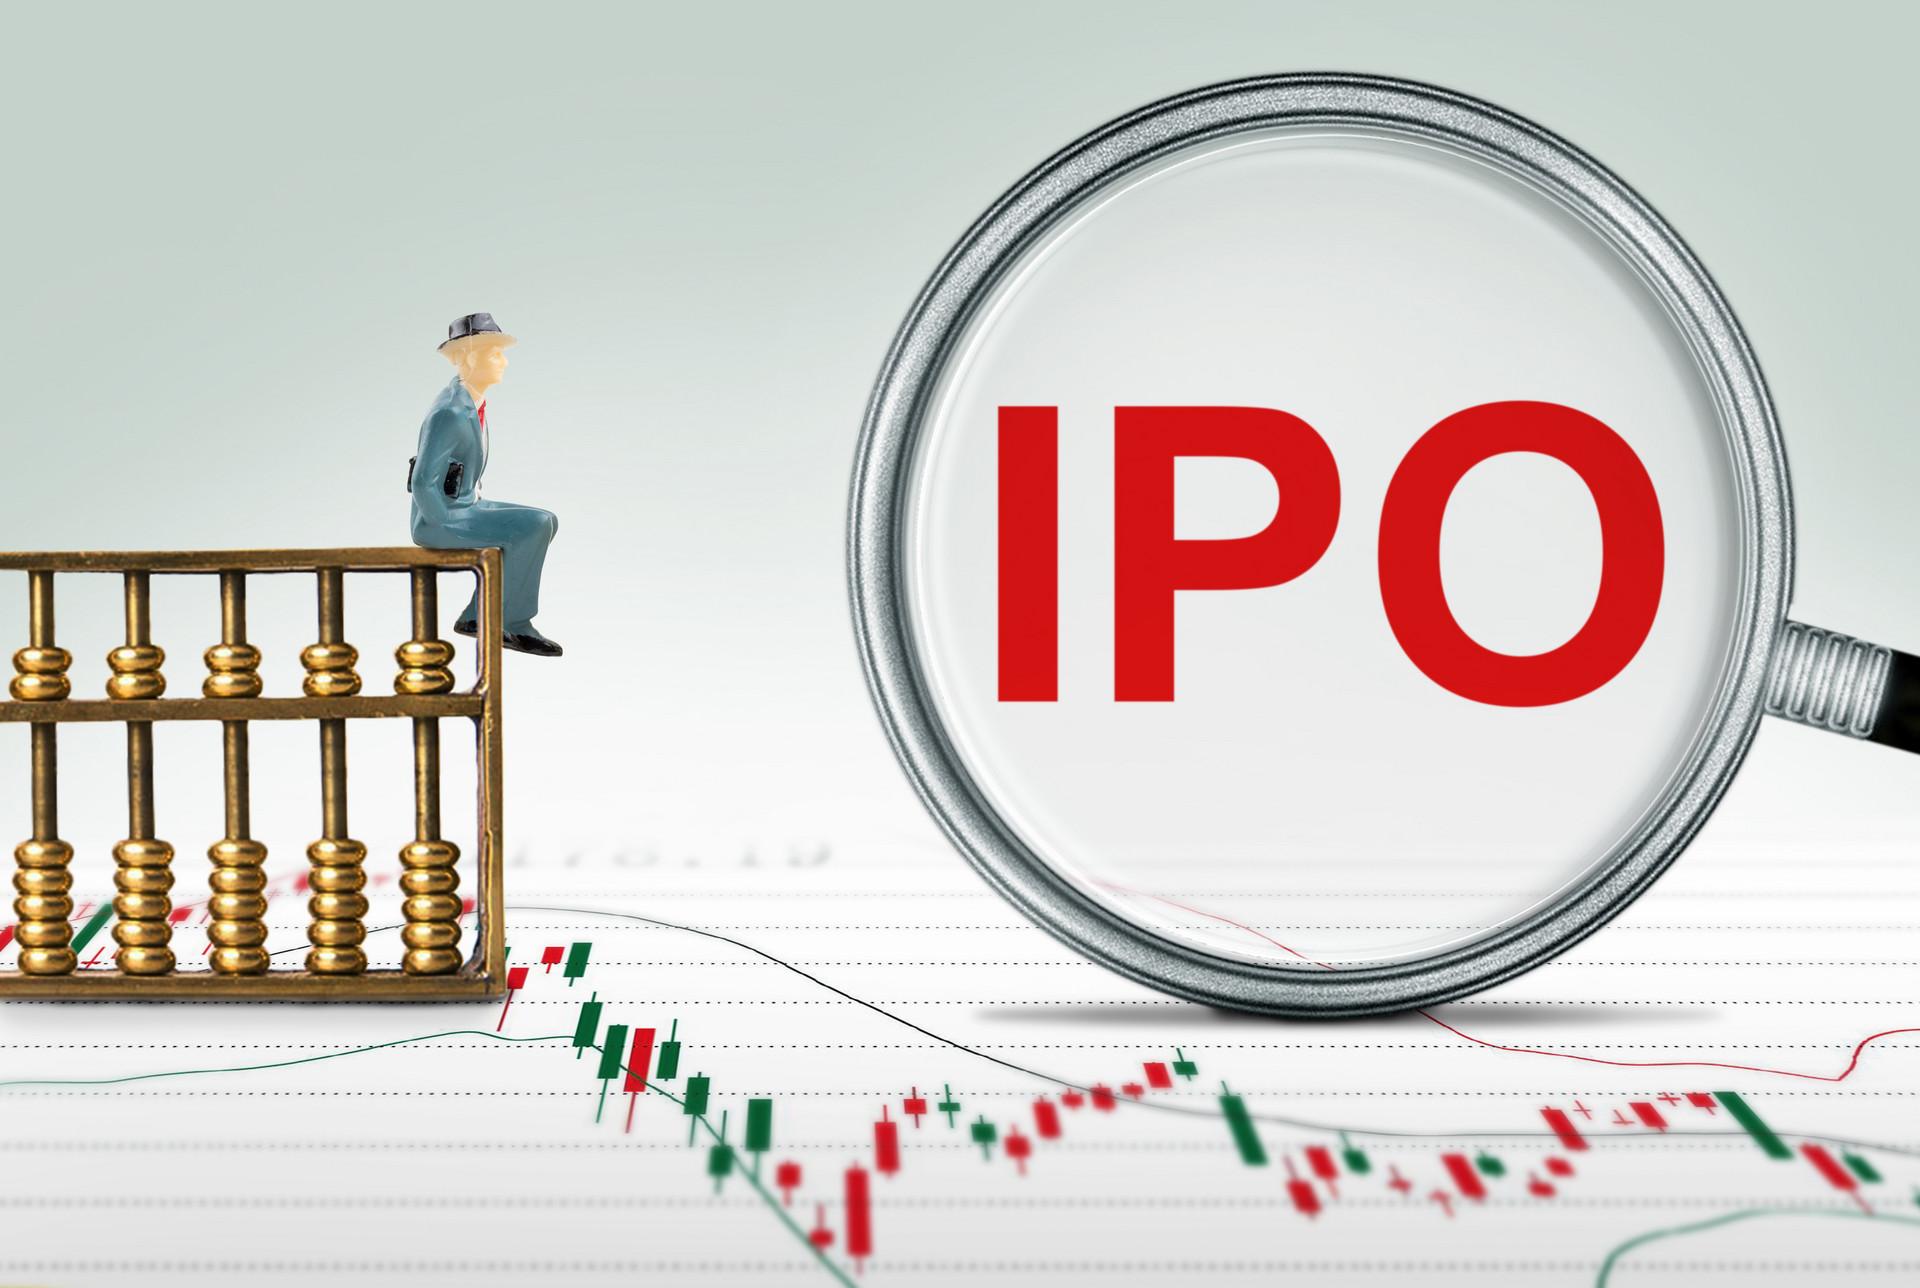 全國第三大農商行國有股劃轉正式獲批,沖刺IPO更進一步?